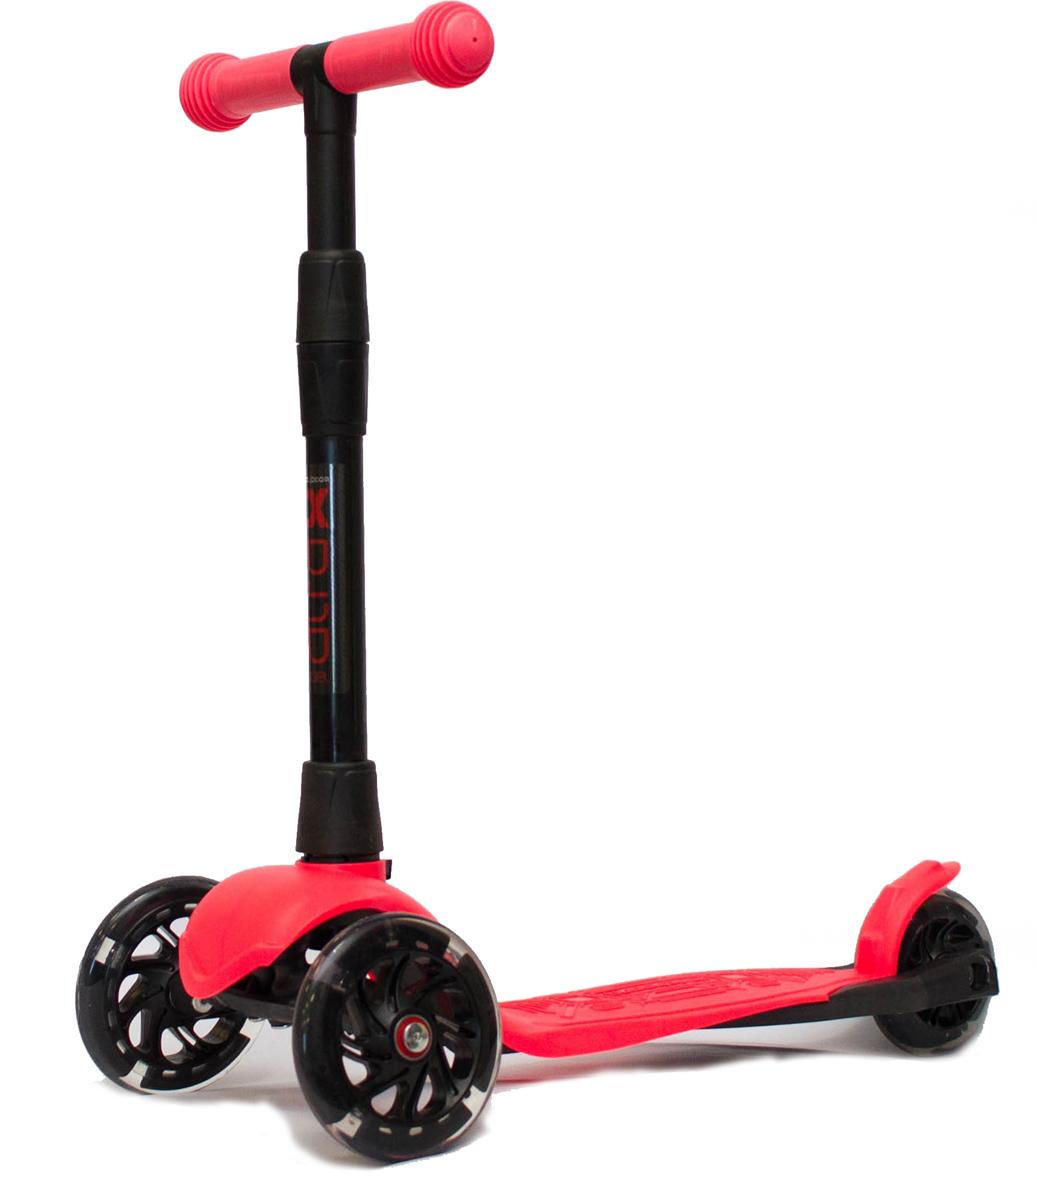 Детский самокат Buggy Boom Alfa Model, трехколесный, цвет: коралловый003-215577С трехколесным самокатом ваш ребенок сможет укрепить здоровье, просто наслаждаясь прогулкой. Он имеет надежную устойчивую конструкцию и ручки с противоскользящей поверхностью. Руль складывается и регулируется по высоте, колеса светятся. Катание на самокате развивает координацию.